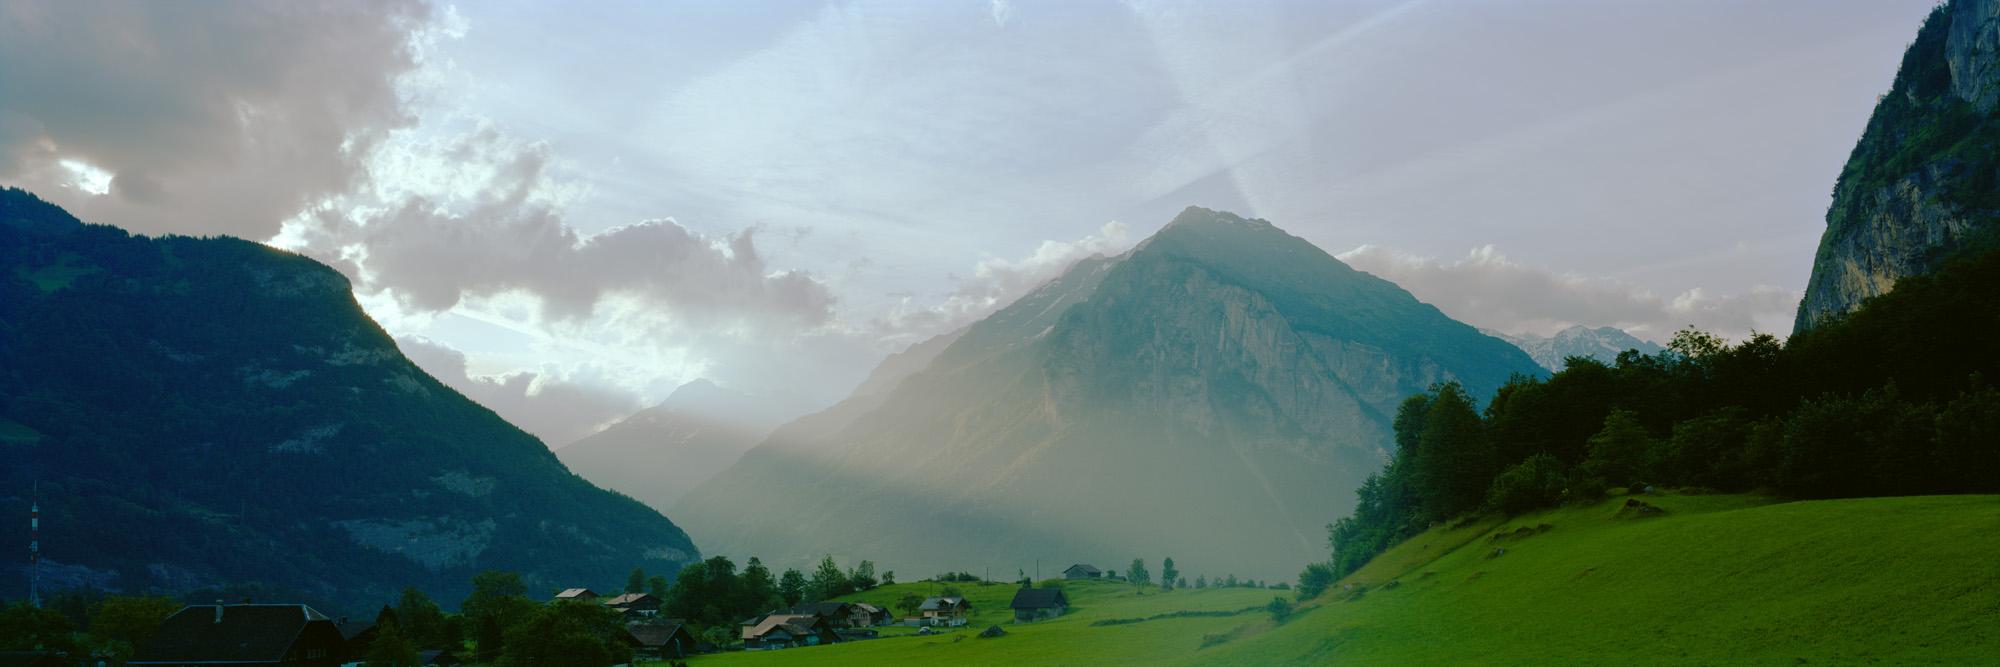 1900-06 Grosse Scheidegg